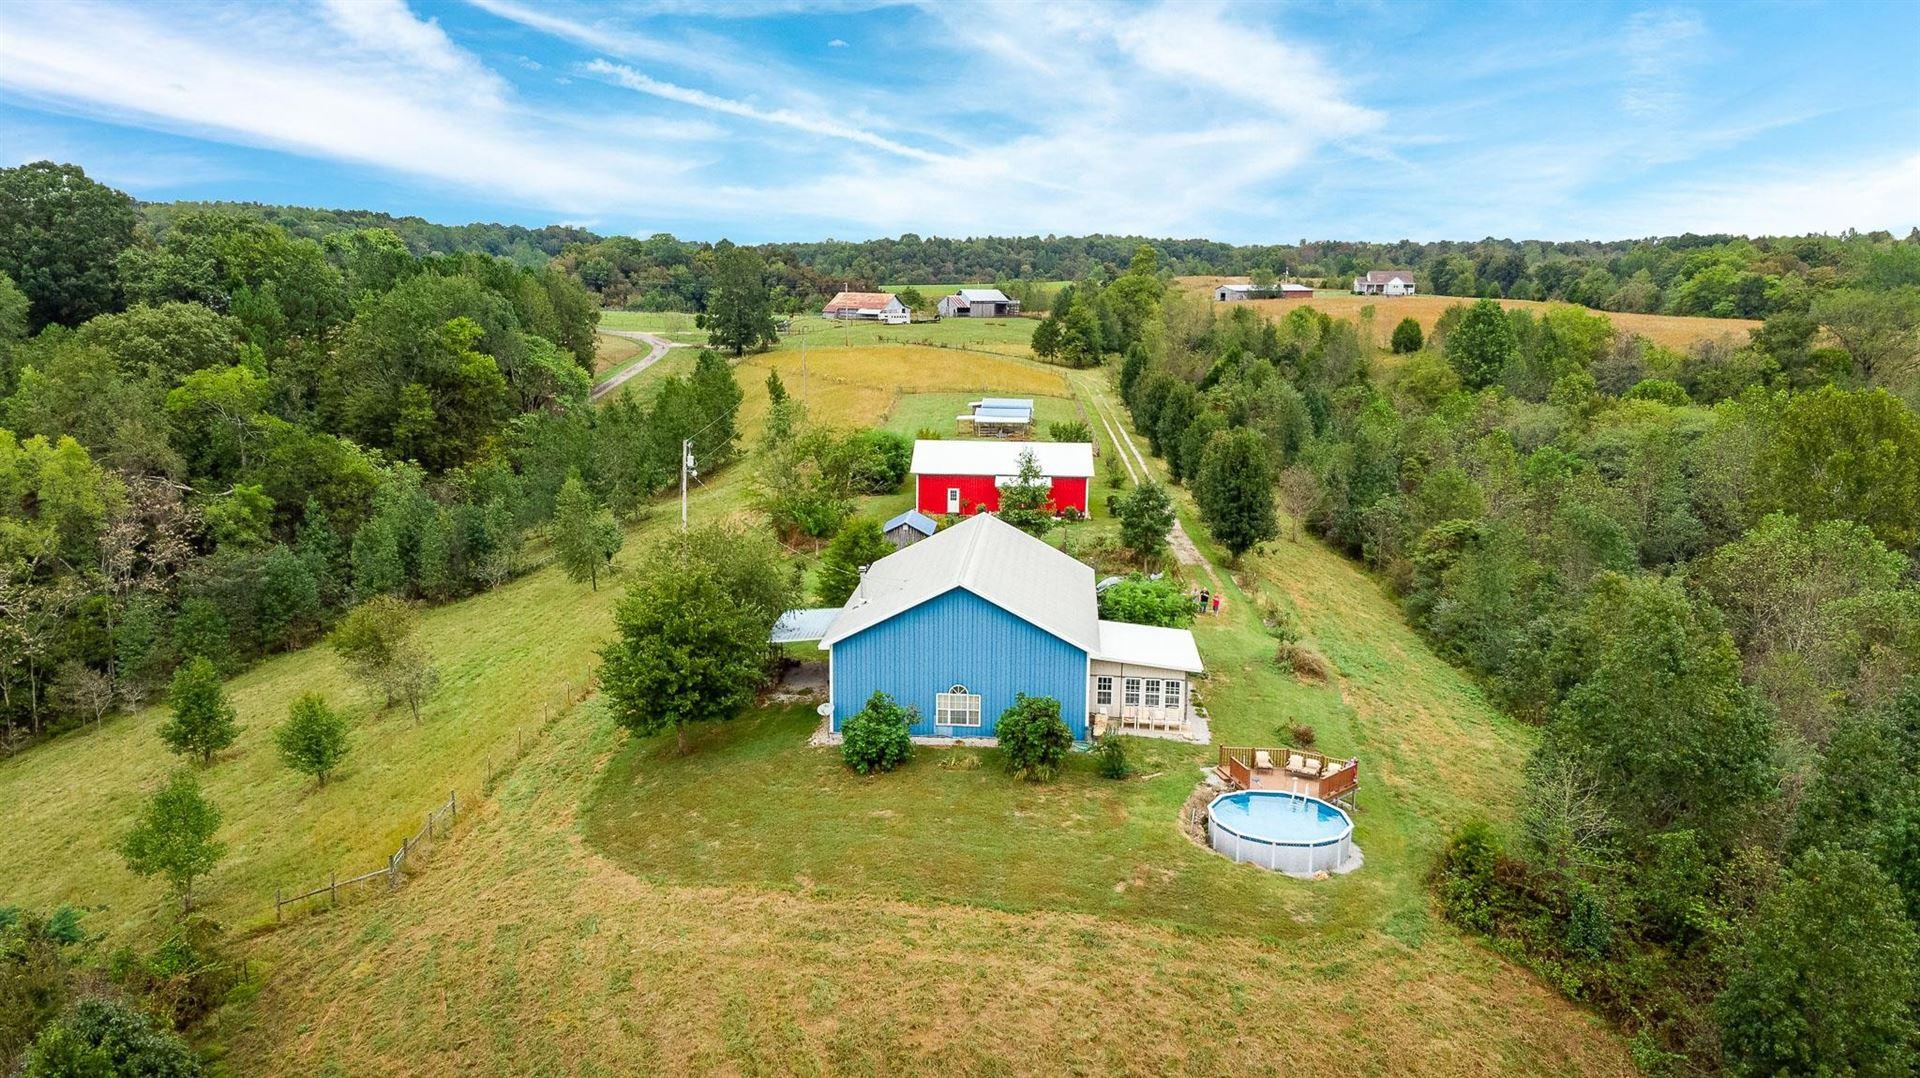 515 Blooming Grove Rd, Pulaski, TN 38478 - MLS#: 2274512